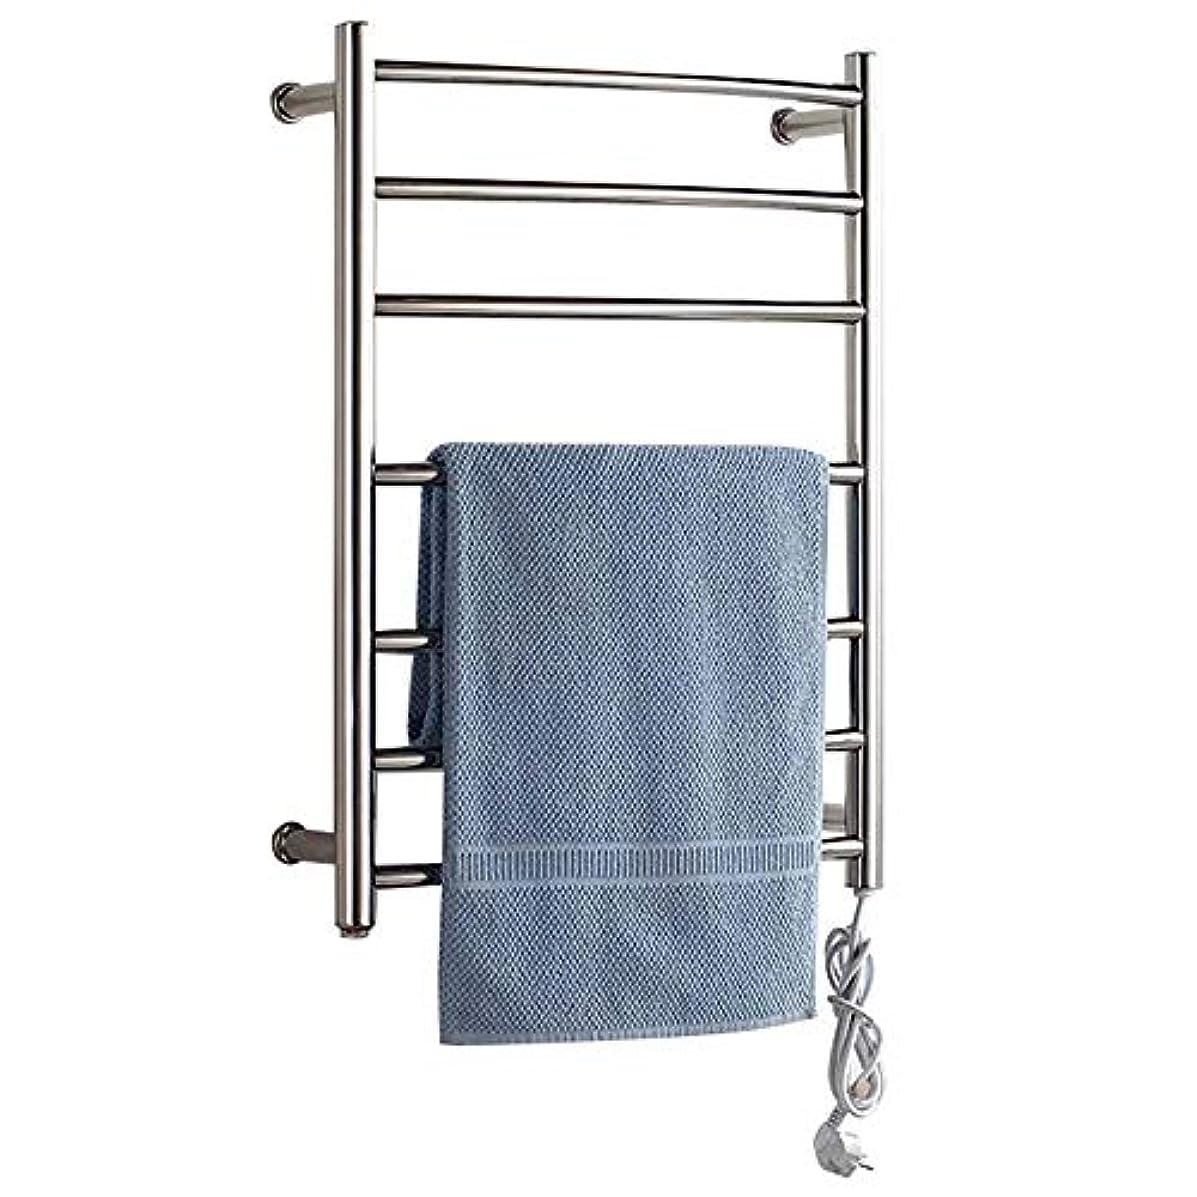 二次ただやる所持壁掛け式電気タオルウォーマー、加熱タオルラック浴室ラジエーター、浴室乾燥ラック、304ステンレス鋼、恒温乾燥、防水および防錆700 * 520 * 125mm